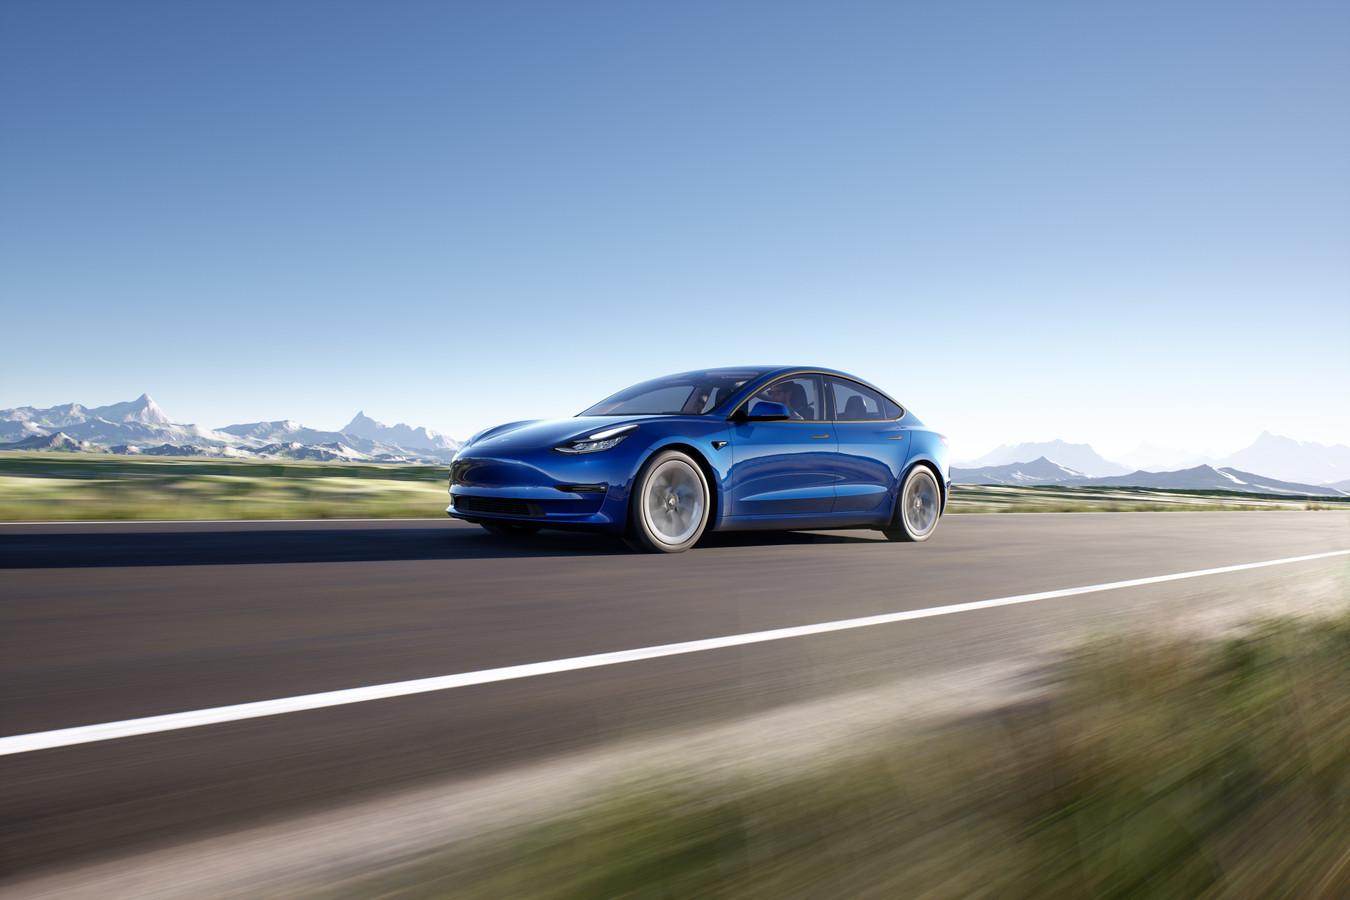 Tesla voudrait complexifier son système de parrainage trop coûteux pour lui